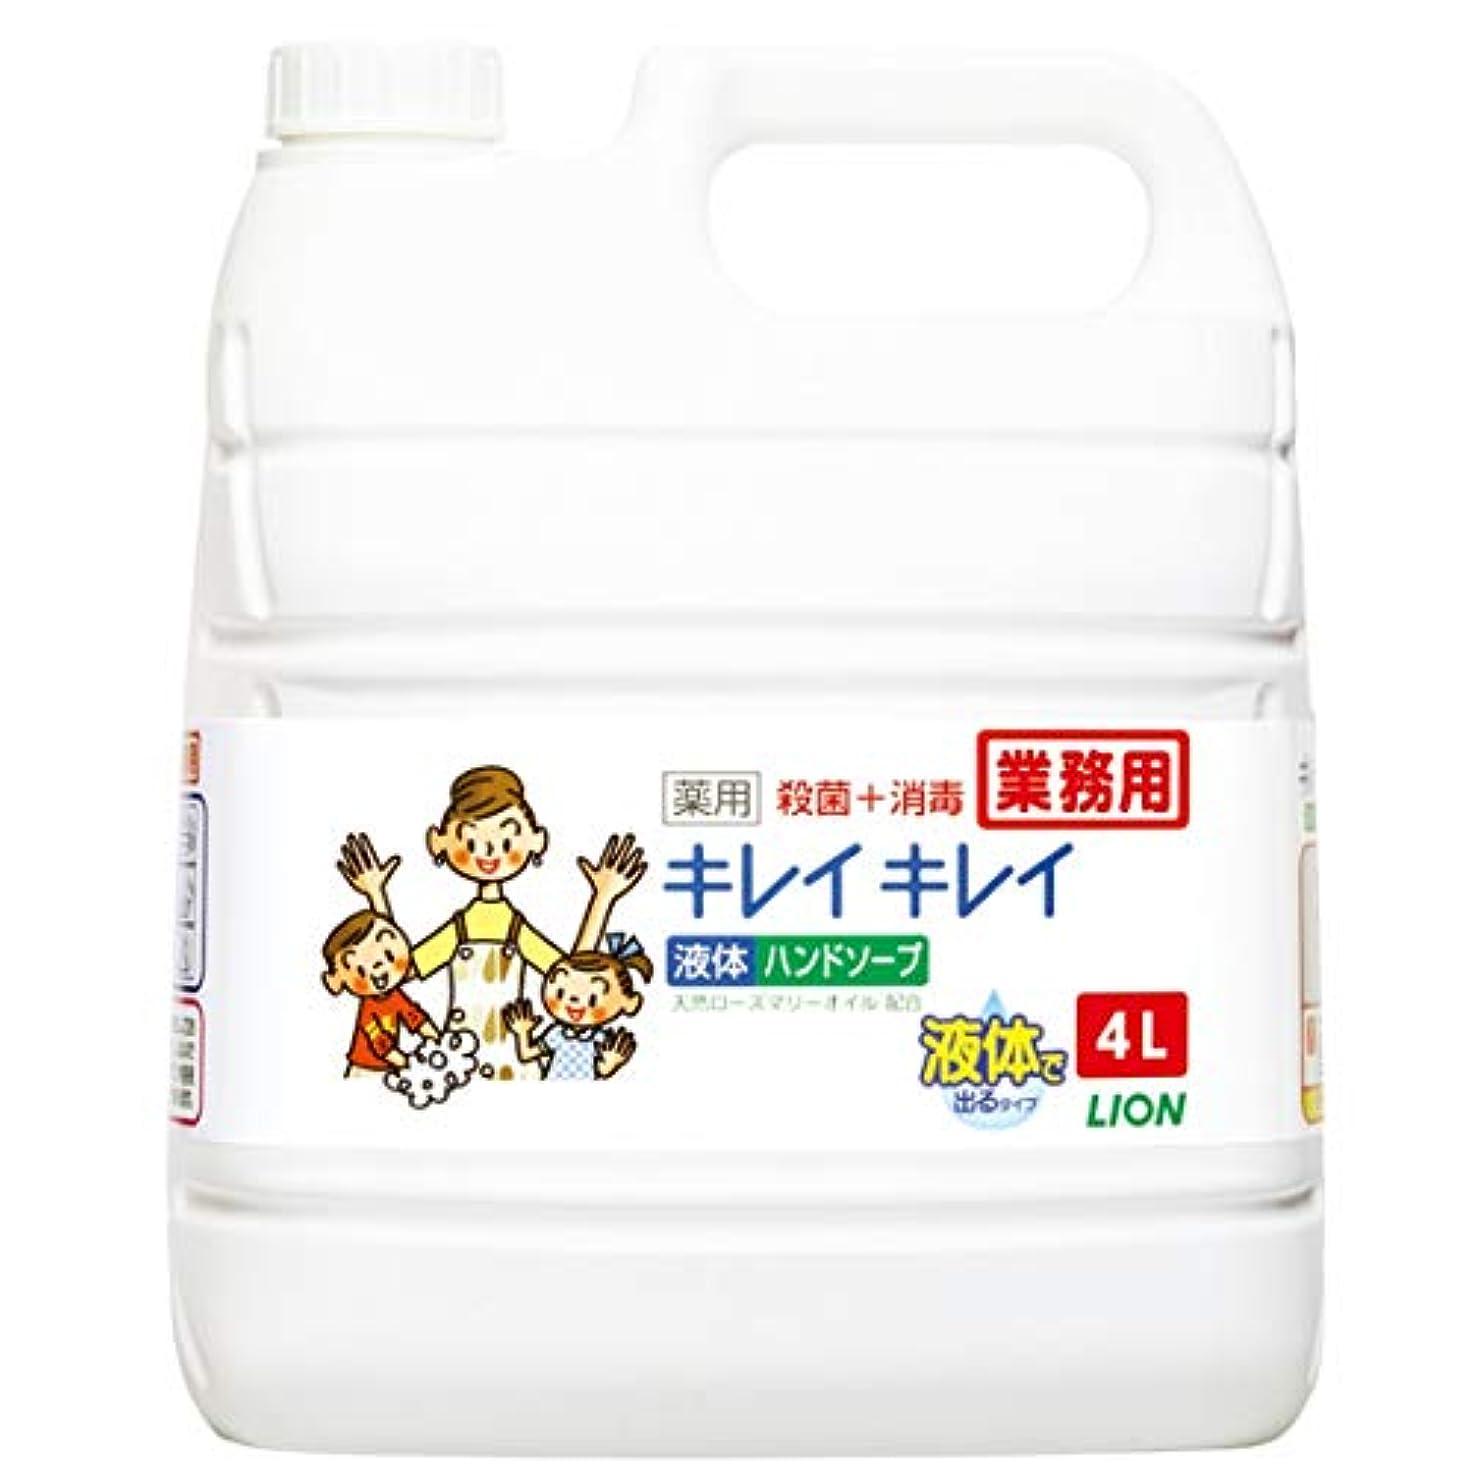 改革せがむ上陸【業務用 大容量】キレイキレイ 薬用 ハンドソープ  4L(医薬部外品)